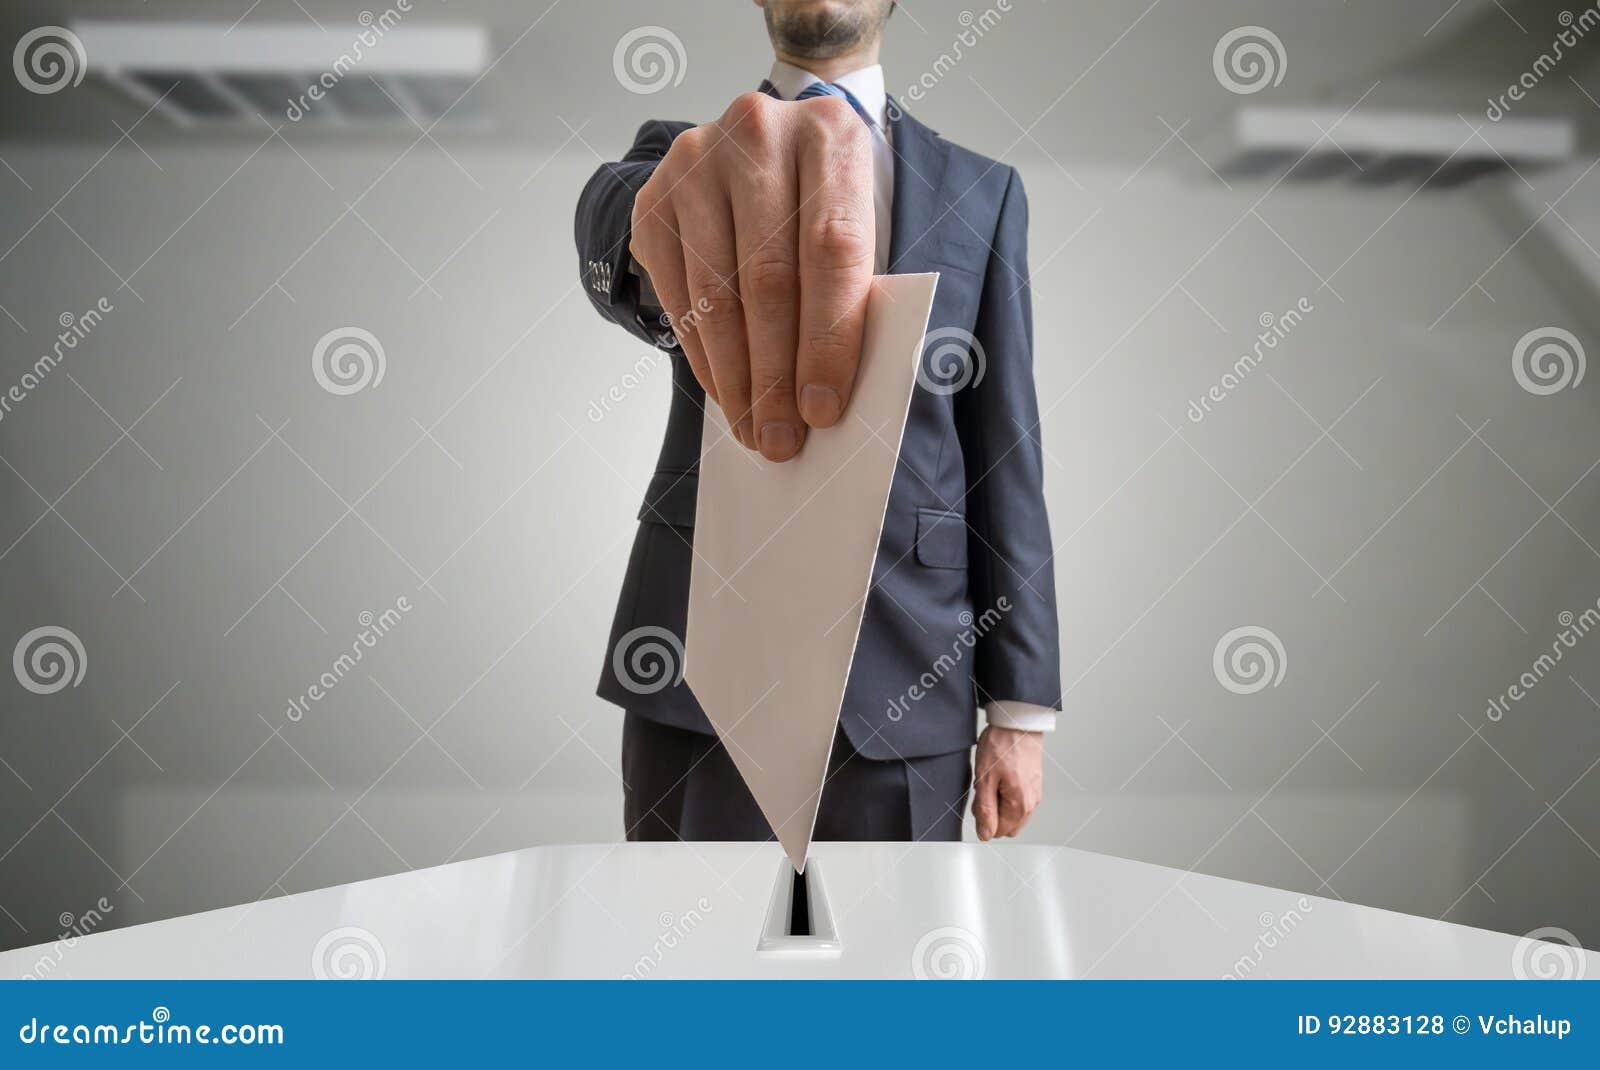 Концепция избрания и демократии Избиратель держит конверт или бумагу в голосовании руки вышеуказанном